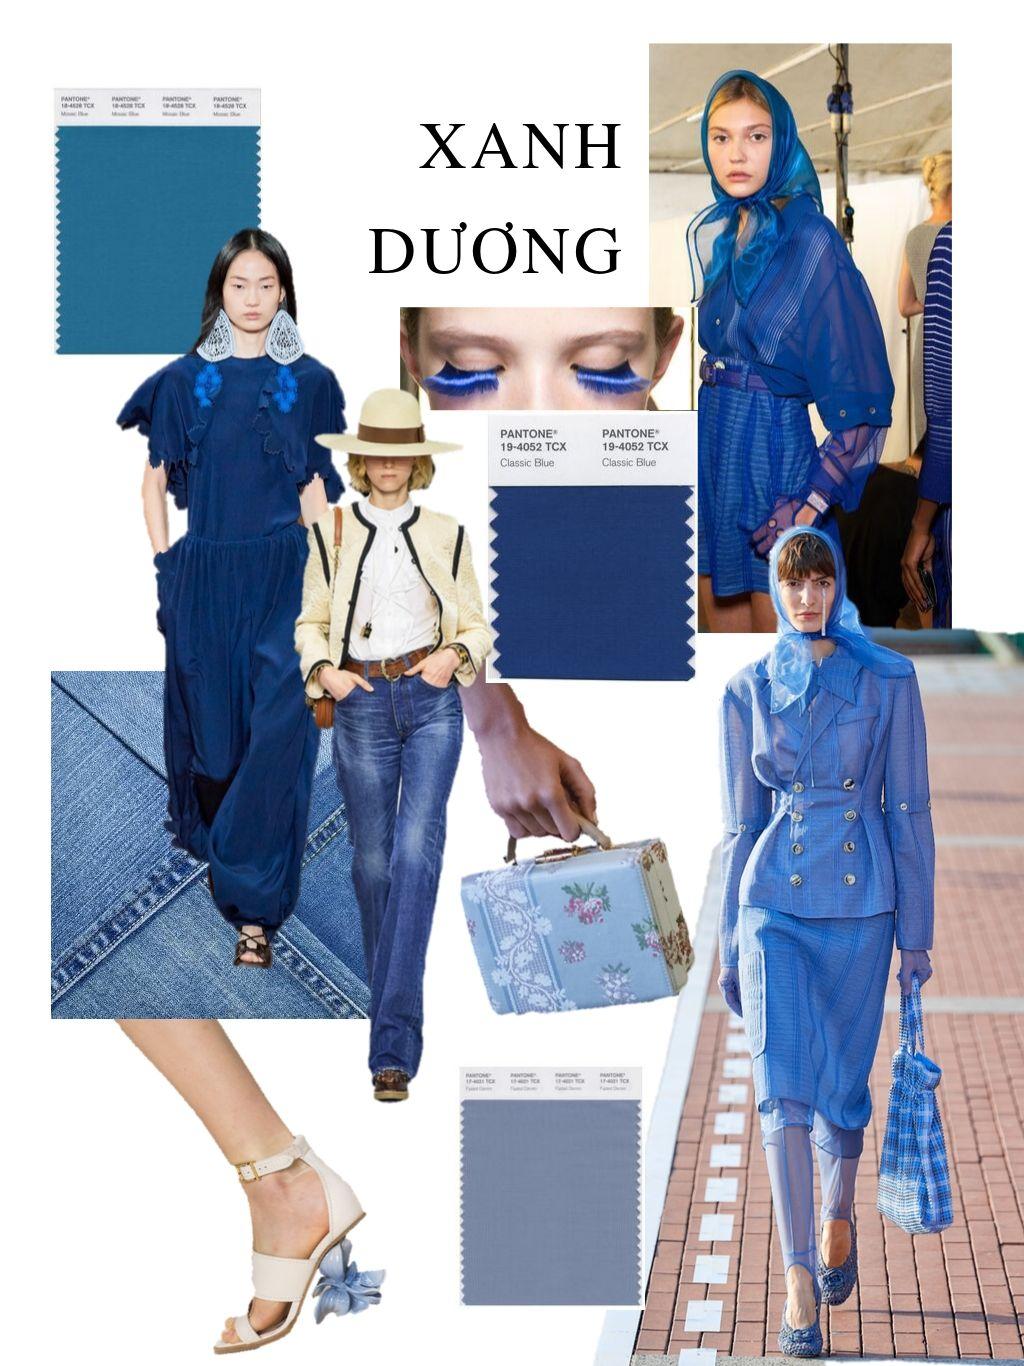 thời trang cung hoàng đạo thiên bình xanh dương